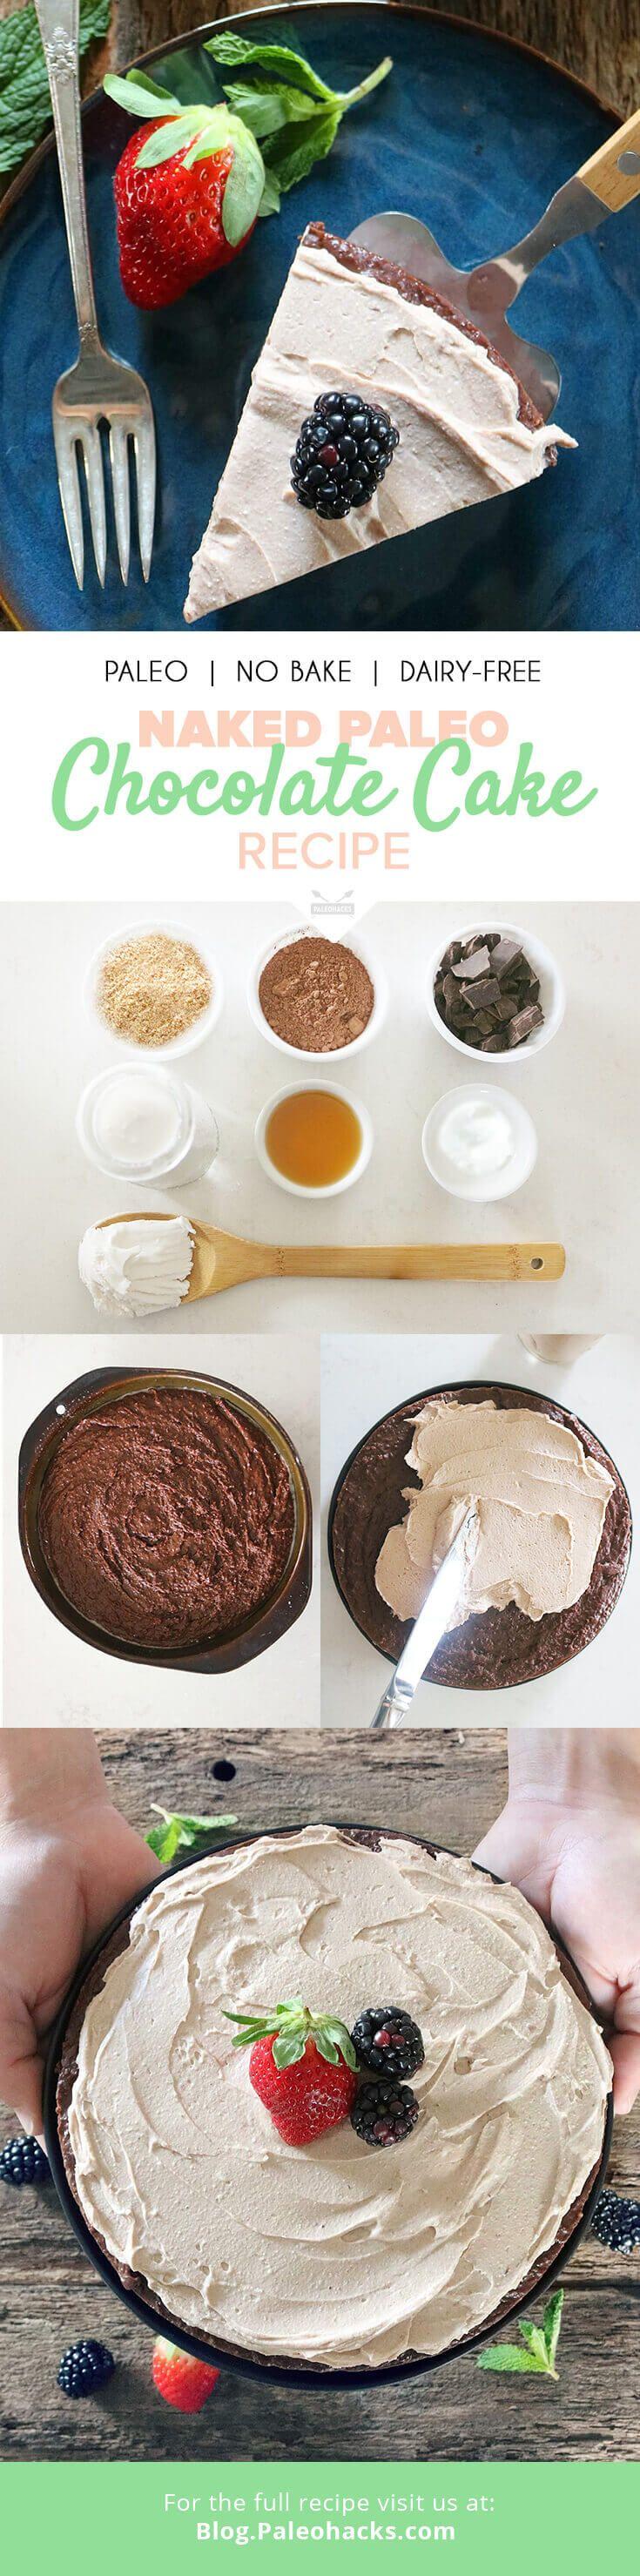 Naked Paleo Chocolate Cake | Egg-Free, No-Bake